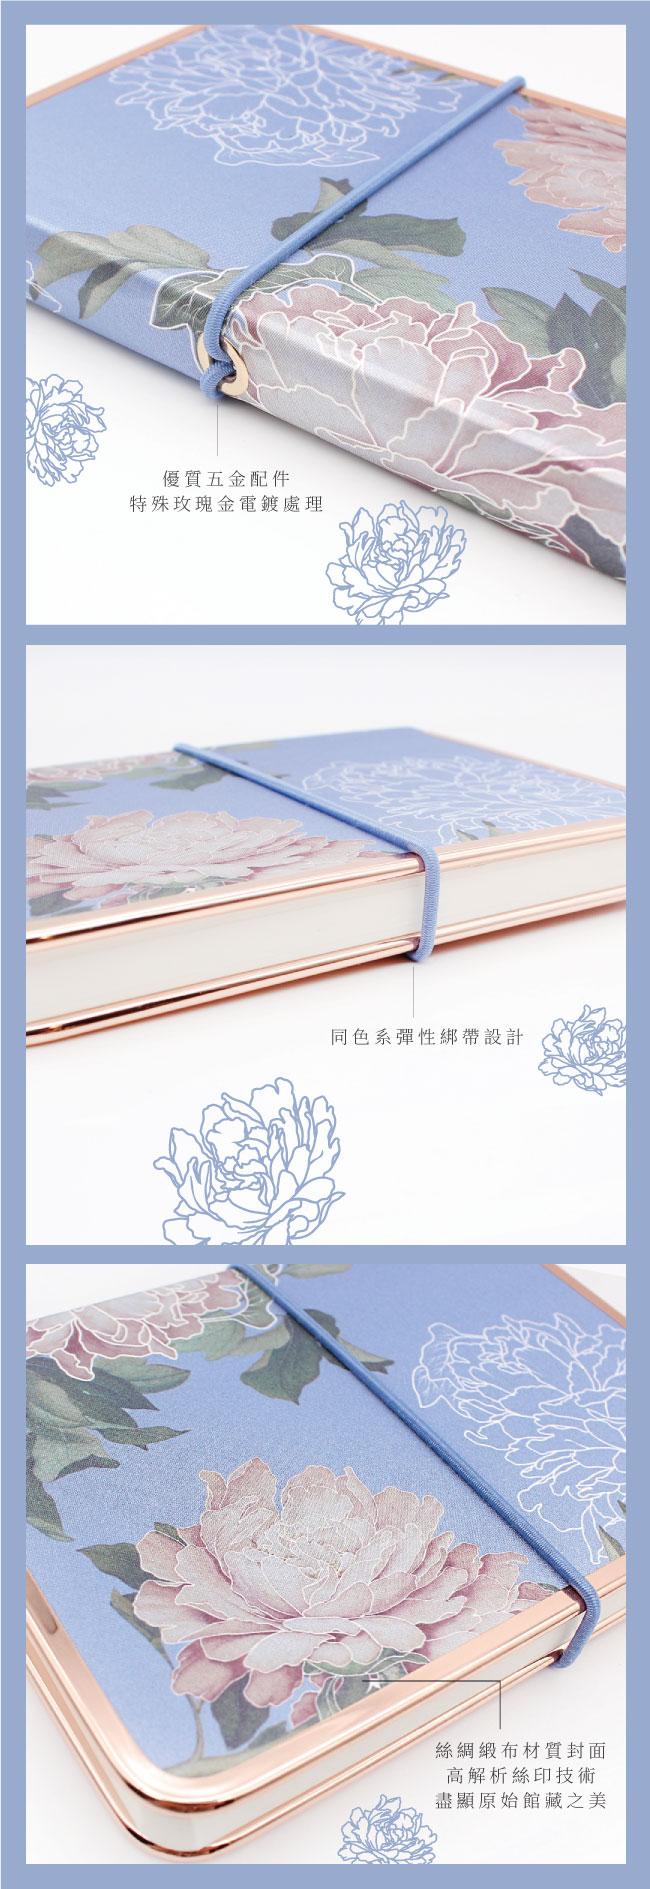 【集購】ARTEX|平安富貴鋼筆禮盒 - 國立故宮聯名限定(三色任選)